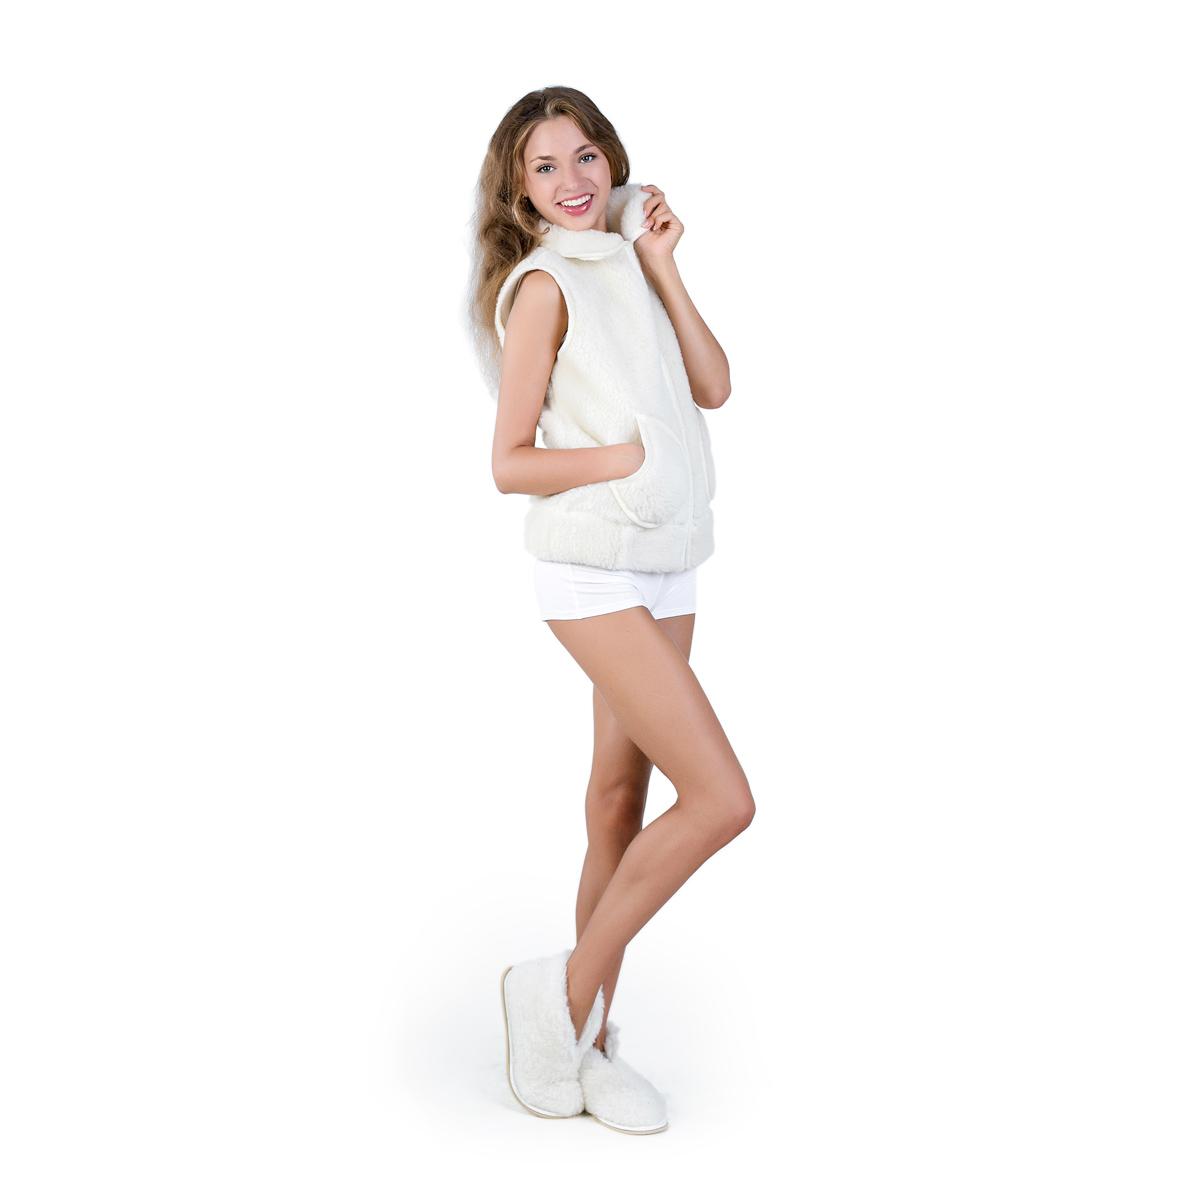 Жен. жилет Модный Белый р. 44Верхняя одежда<br>Обхват груди:88 см<br>Обхват талии:69 см<br>Обхват бедер:96 см<br>Длина по спинке:60 см<br>Рост:164-170 см<br><br>Тип: Жен. жилет<br>Размер: 44<br>Материал: Овечья шерсть